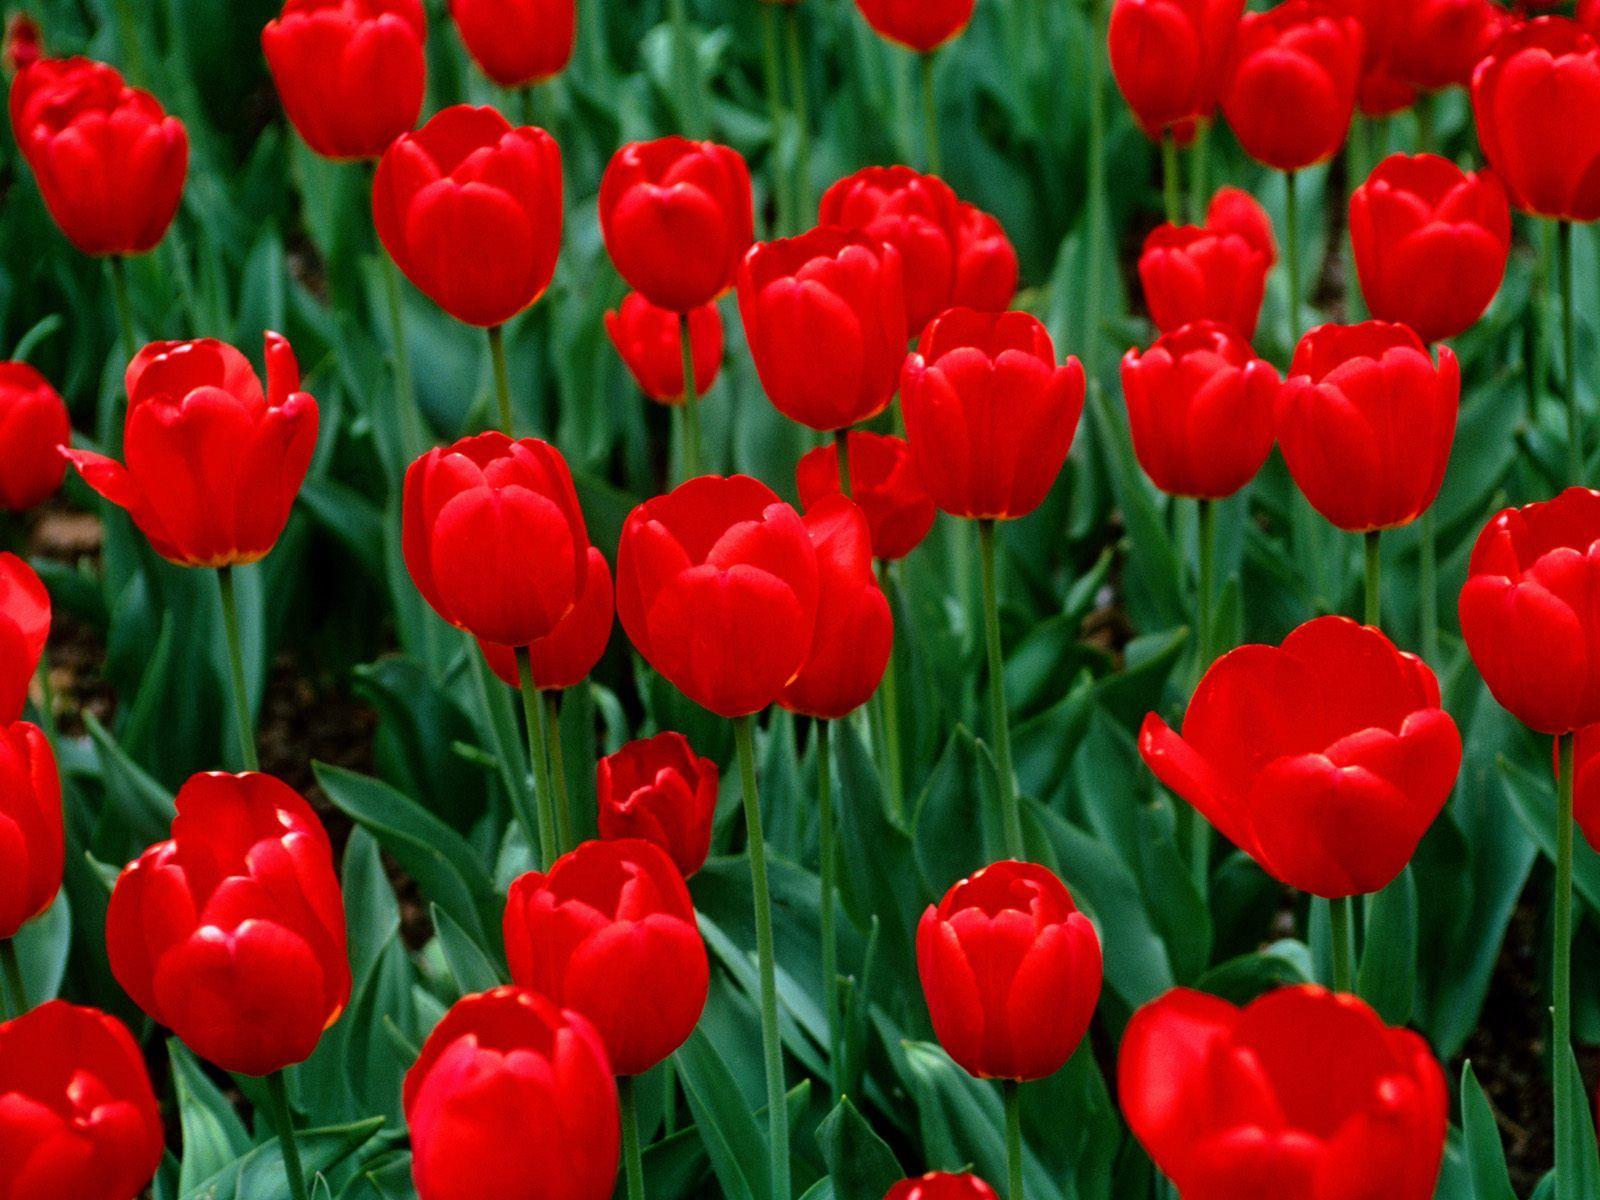 141220 скачать обои Цветы, Зелень, Поле, Природа, Тюльпаны - заставки и картинки бесплатно